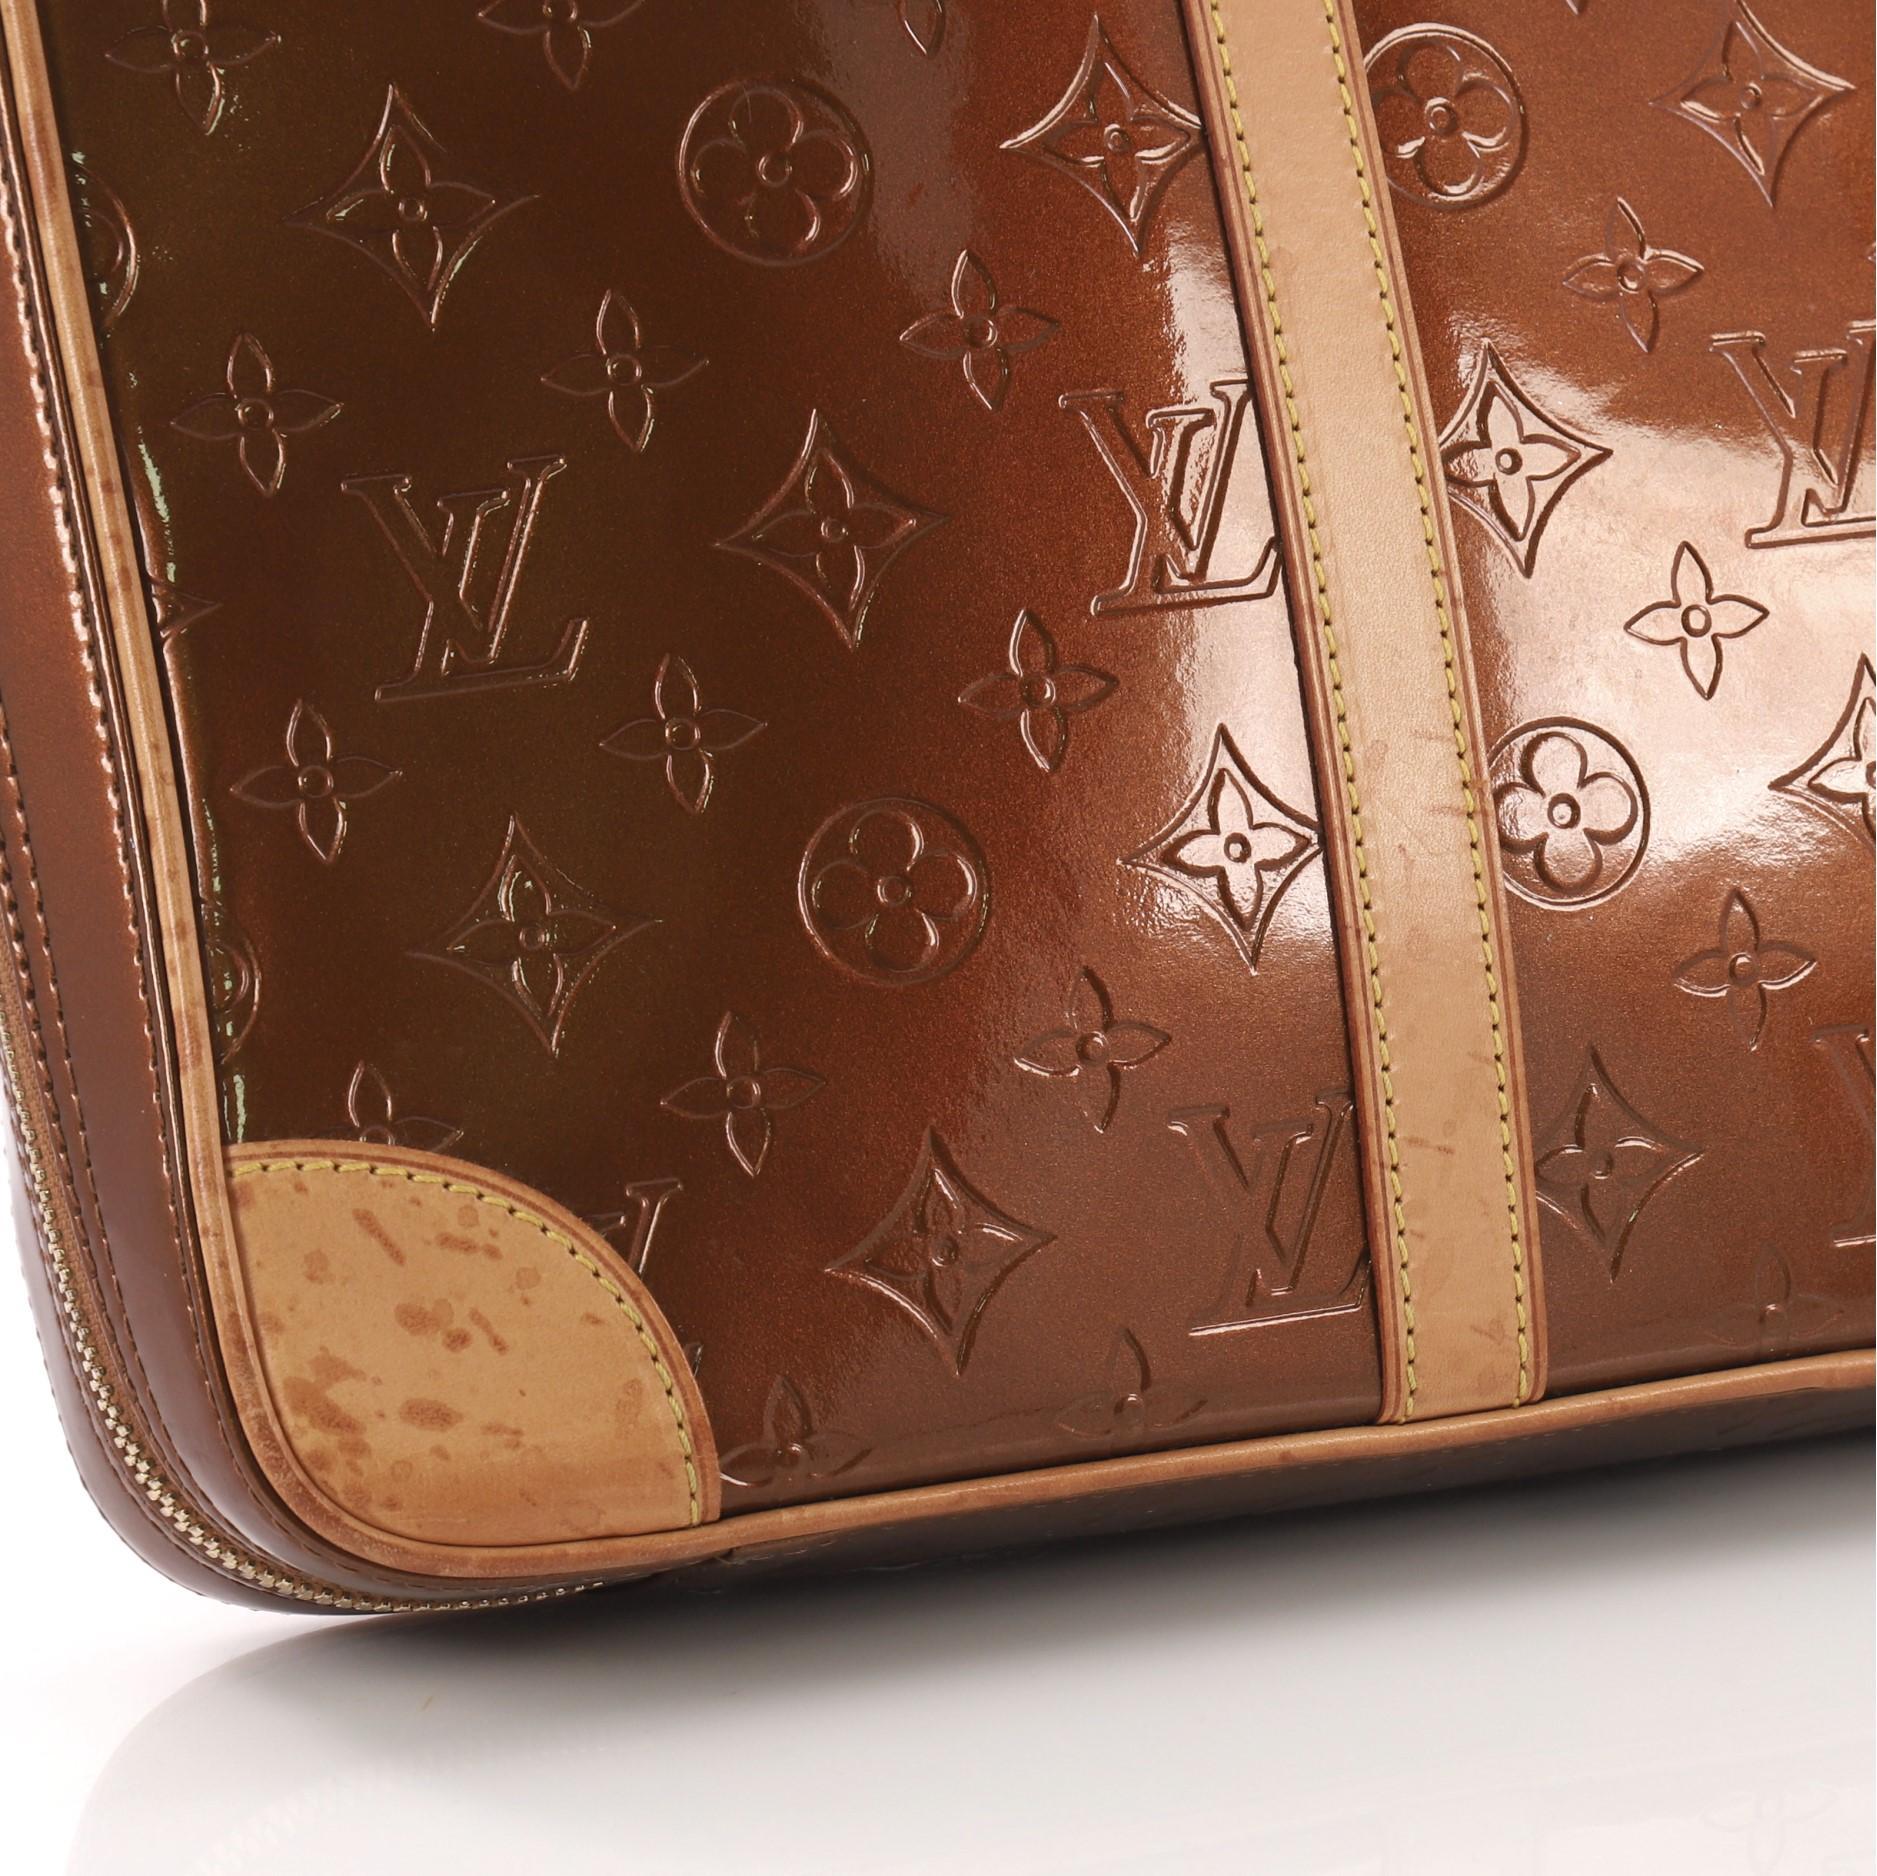 990595536a282 Louis Vuitton Vandam Handtasche Monogram Vernis im Angebot bei 1stdibs